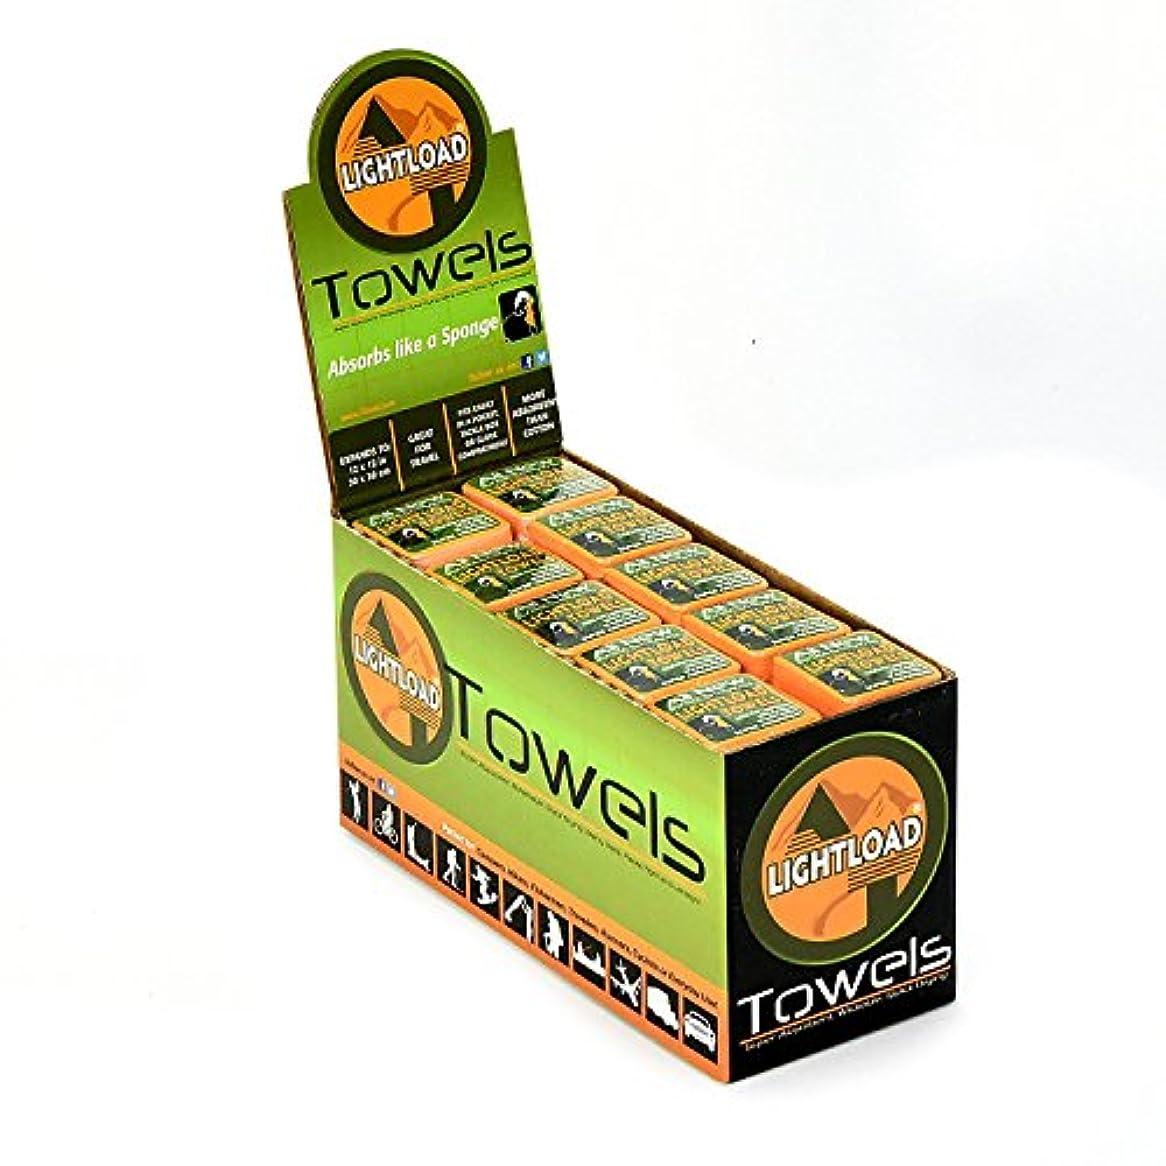 助けになる生産性極端な余分な強度コンパクト再利用可能なタオルmulti-tool 0.2オンス、クイックドライパック、スーパー吸収性、抗菌、ソフト、丈夫なアウトドアのすべてのactivities- 50 Pieceギフトボックス12 x 12